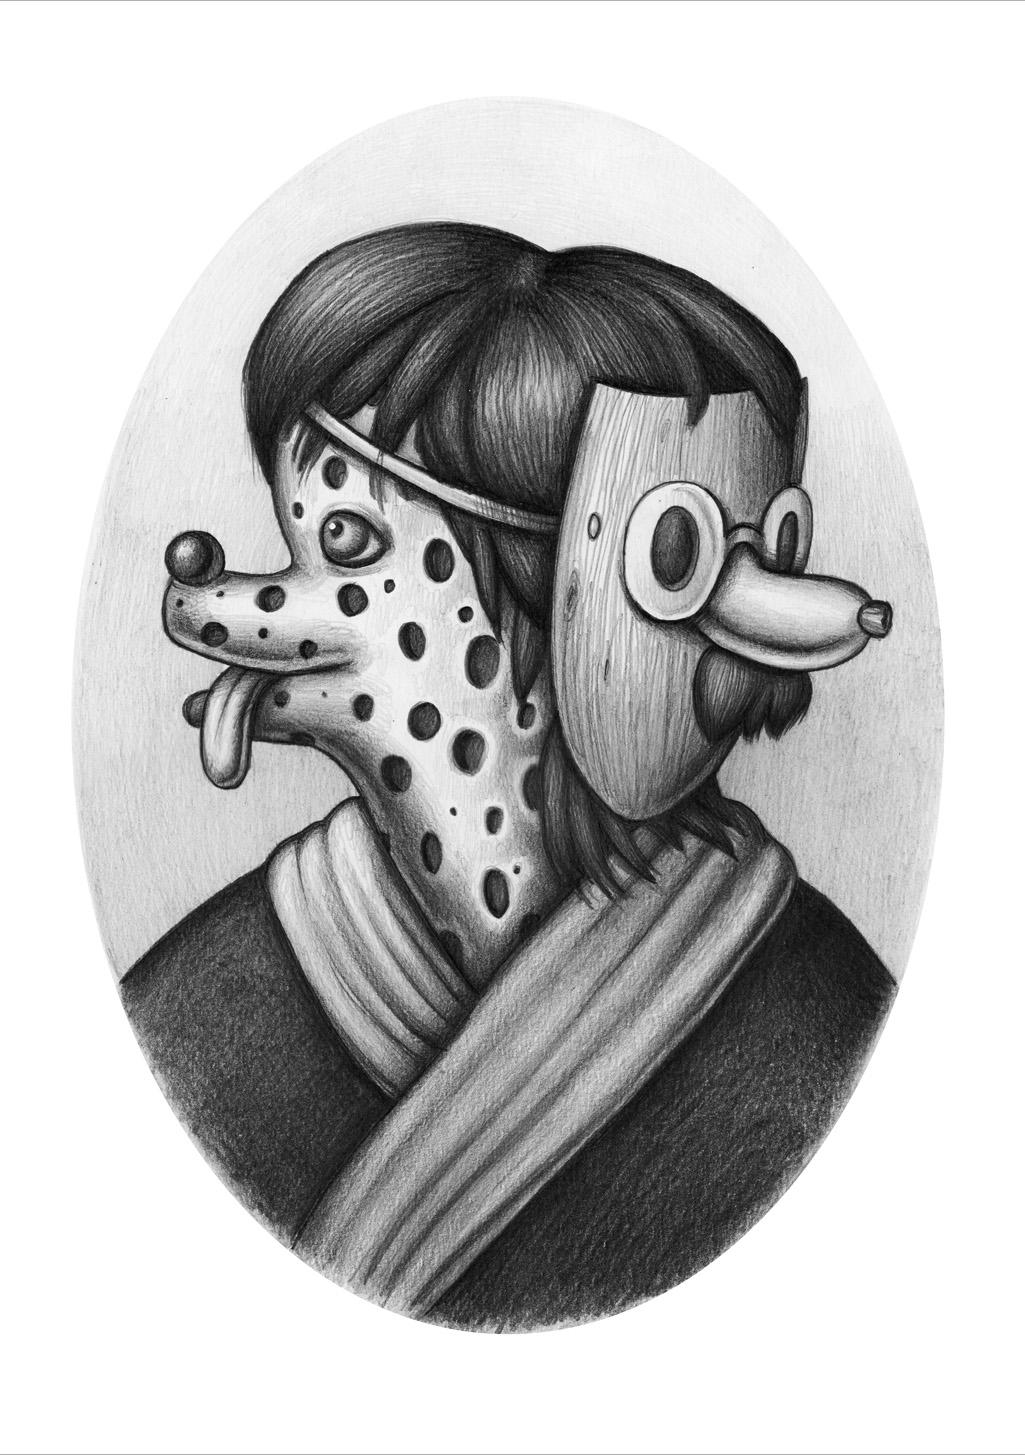 Amandine-masquefromage